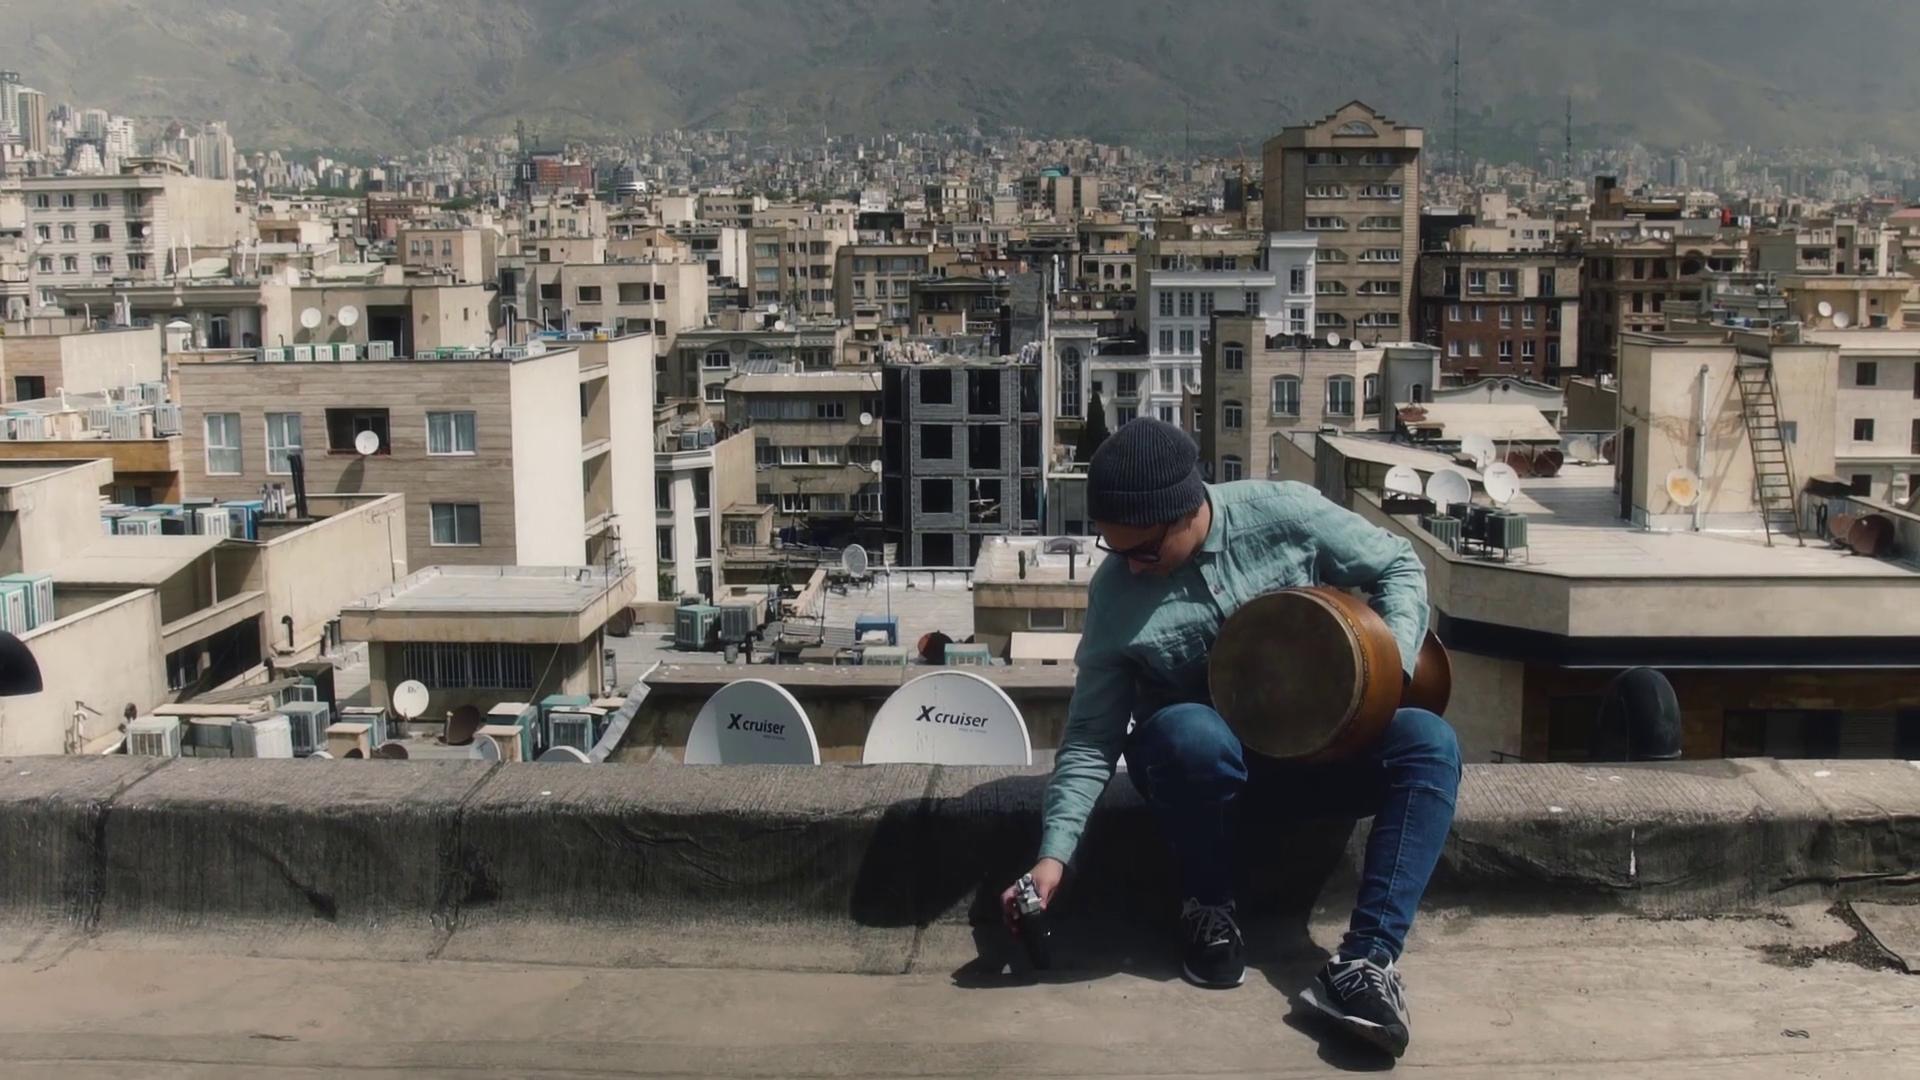 SOUNDS OF TEHRAN - SIMONA SUSNEA CINEMATOGRAPHER